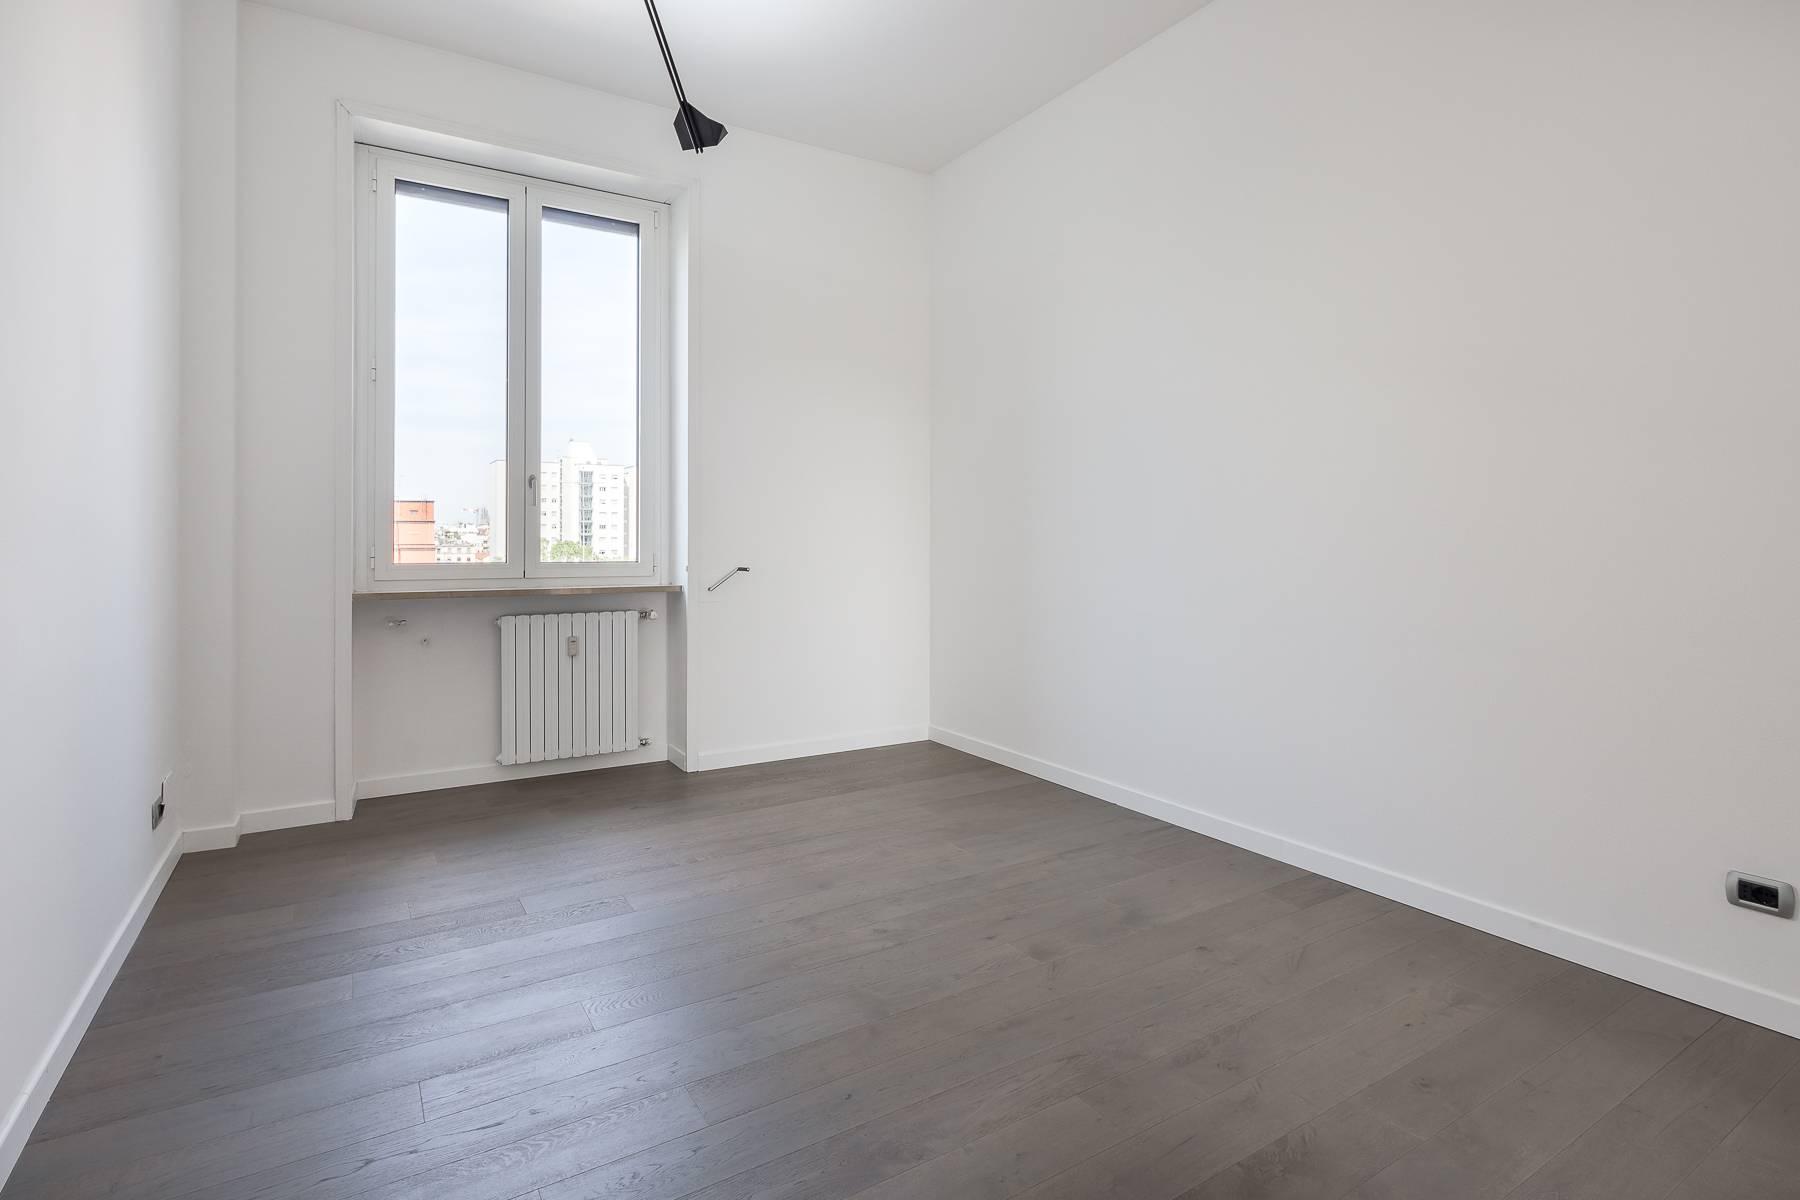 Ufficio-studio in Affitto a Milano: 0 locali, 75 mq - Foto 21